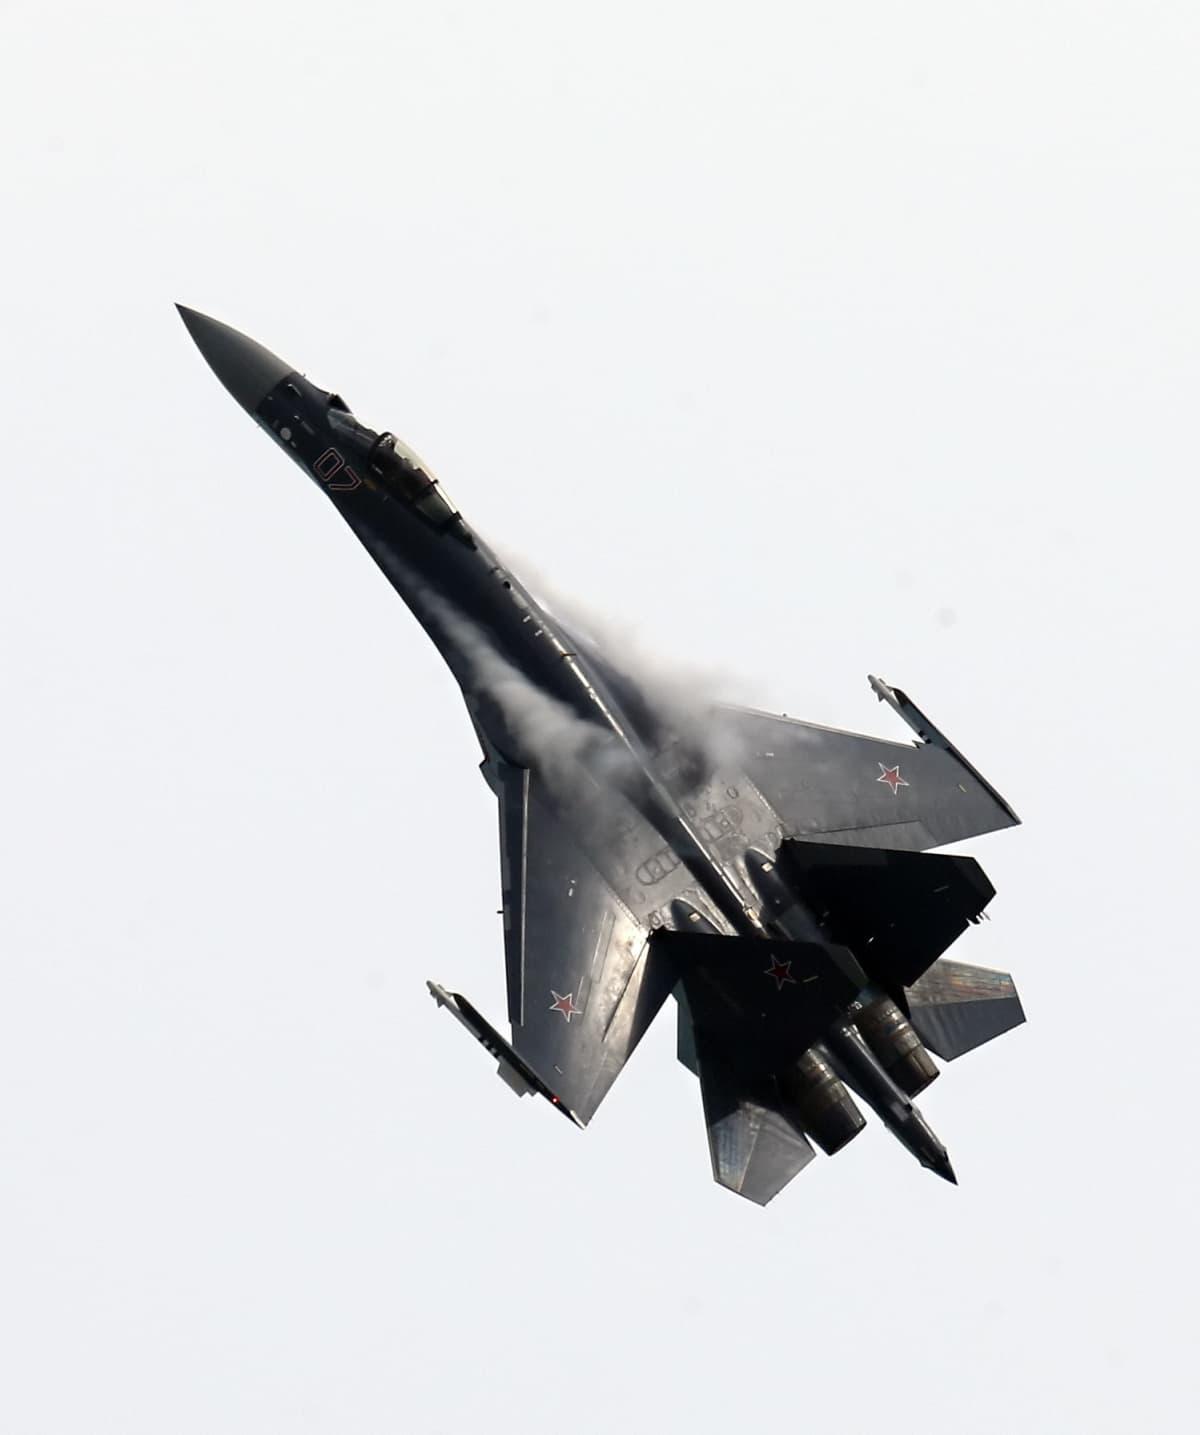 Venäjän Suhoi Su-35 hävittäjä.